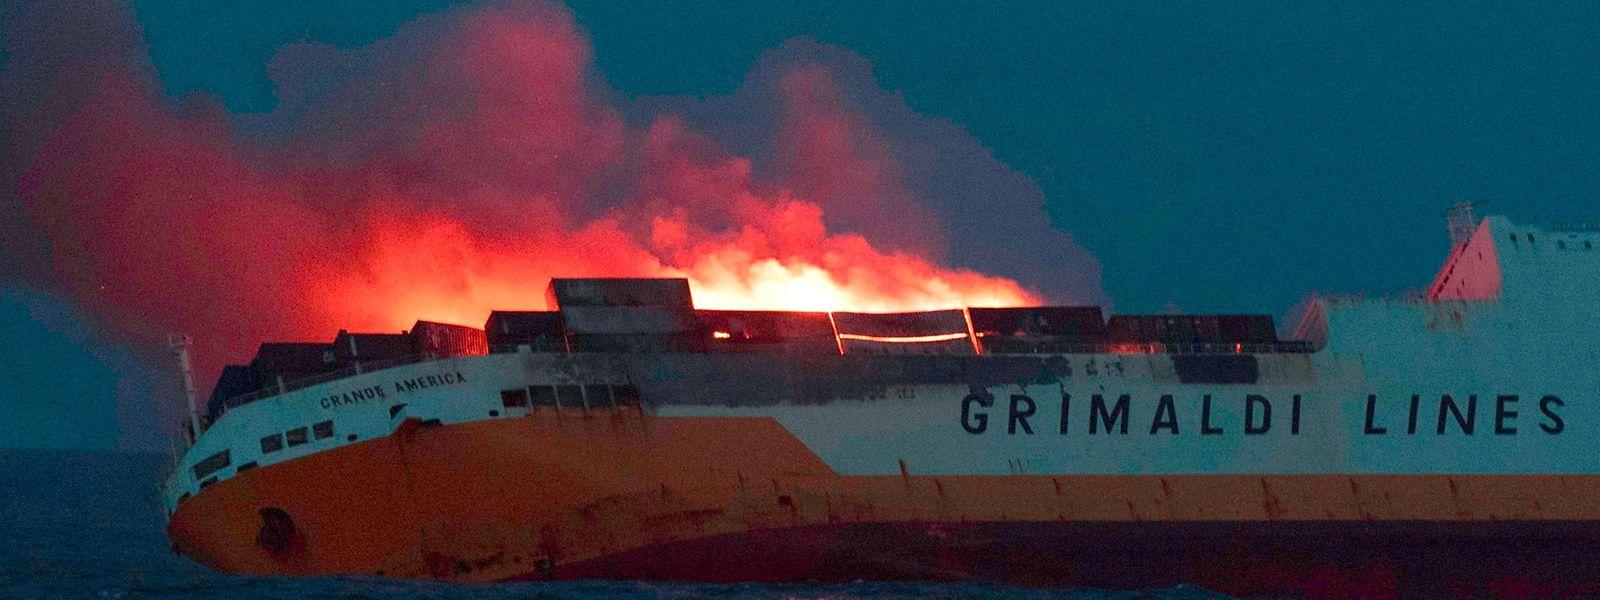 """Die """"Grande America"""" in Flammen vor der Küste Fankreichs. Das Bild stammt vom Montag, mittlerweile liegt das Wrack in 4500 Metern Tiefe."""